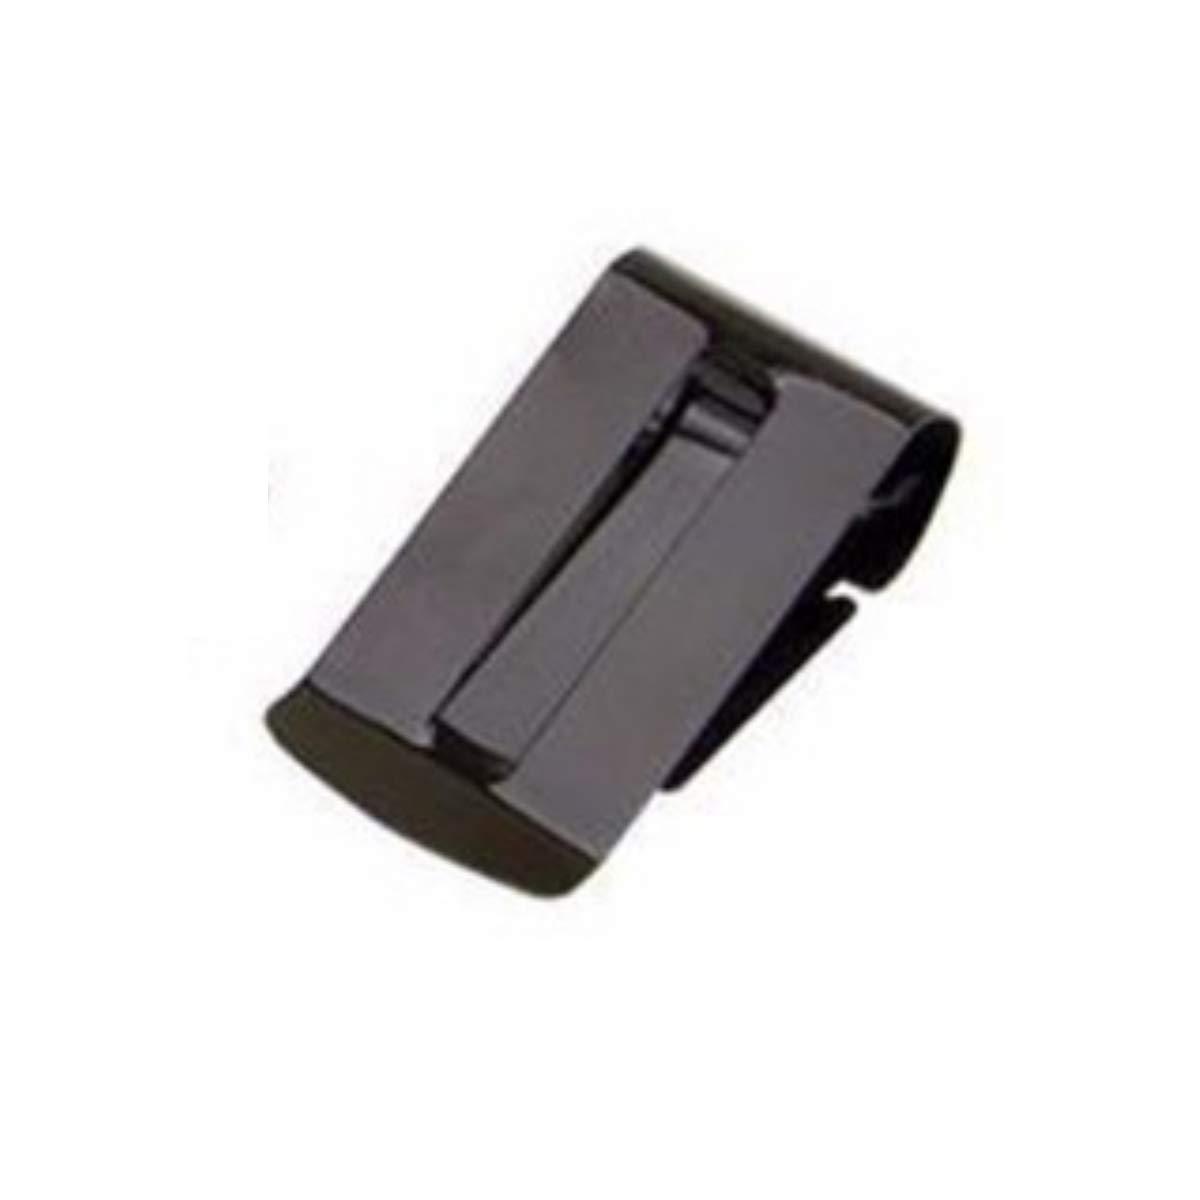 ATTIVA Vivavoce Bluetooth per auto Multipoint con Speaker Bloototh e Supporto per Parasole.Batteria ricaricabile e Accendisigari (Kit Vivavoce) Yesbo technology